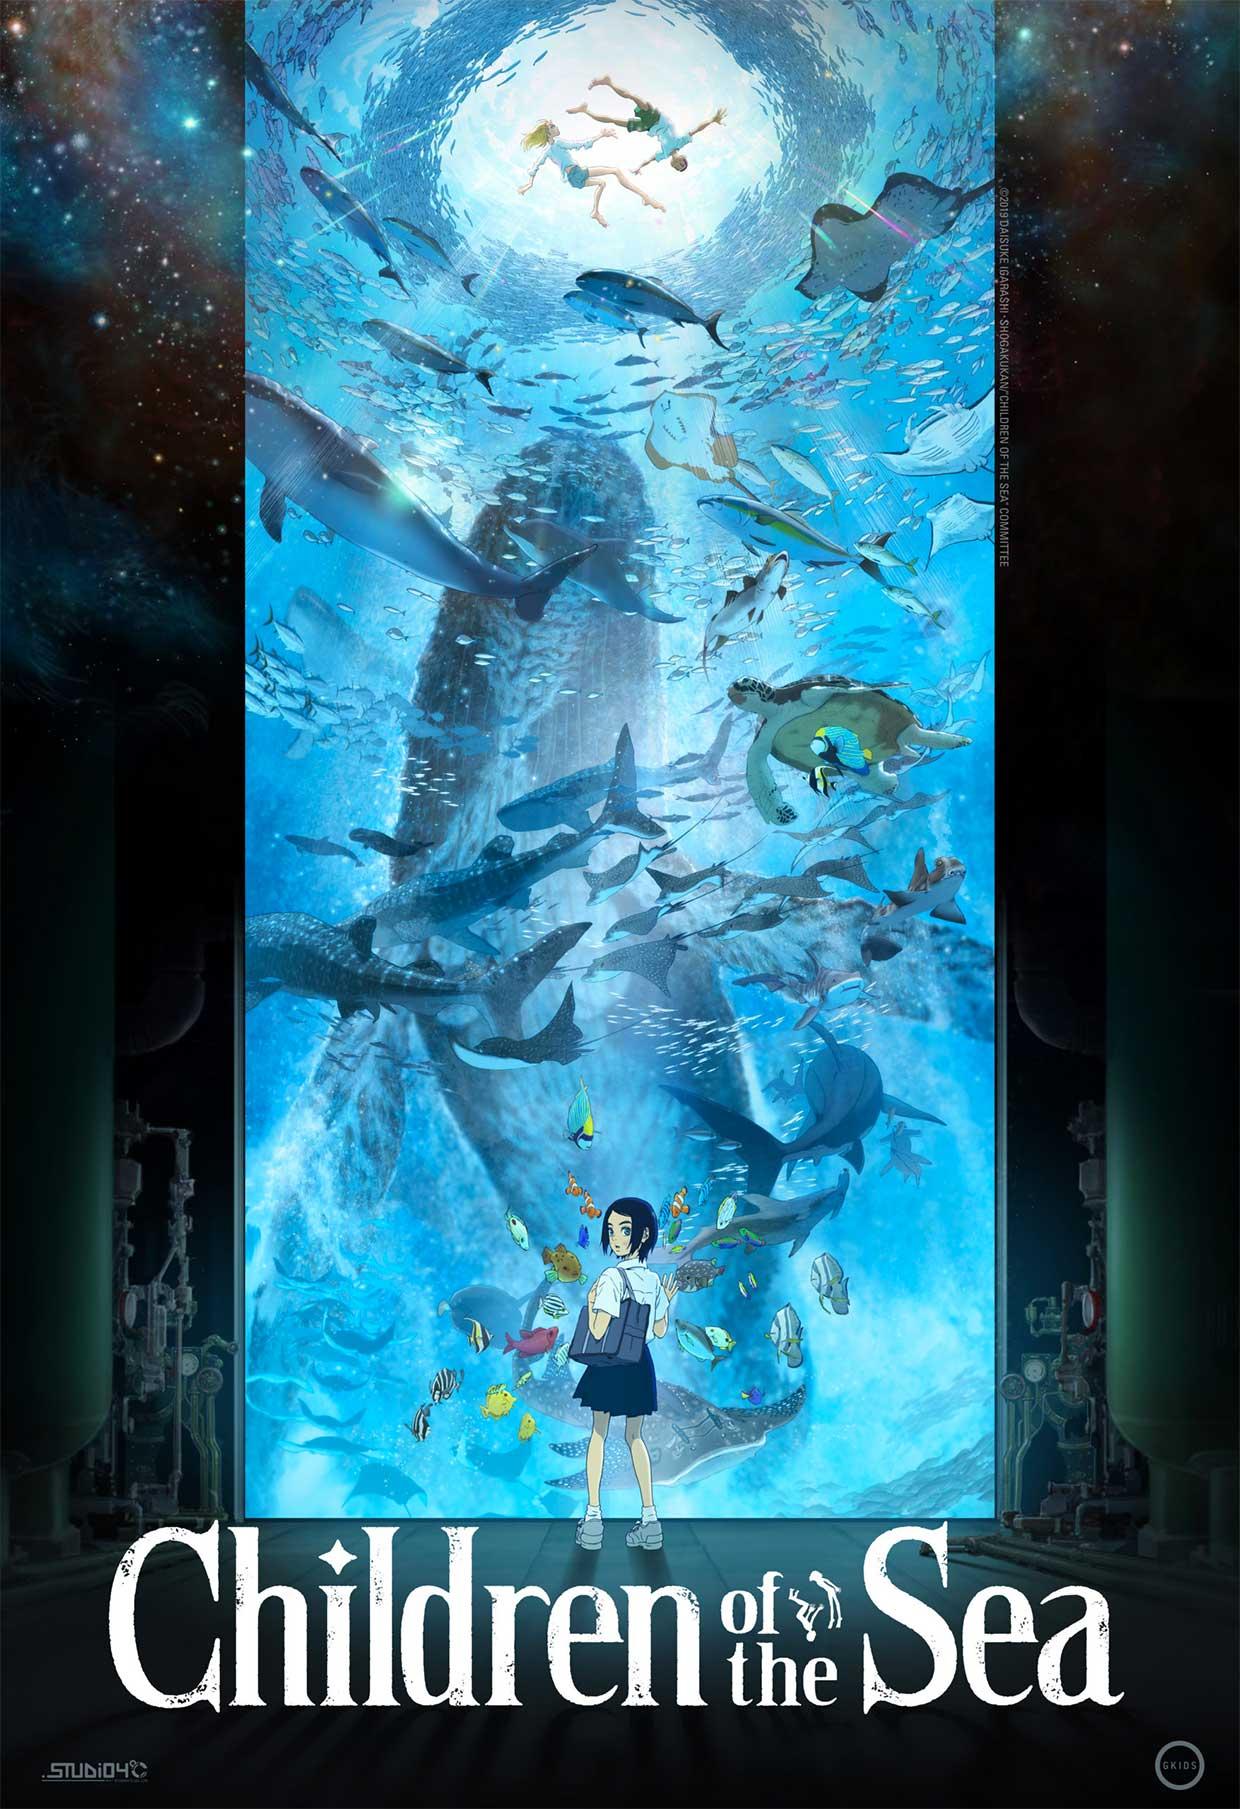 Children of the Sea (Trailer)